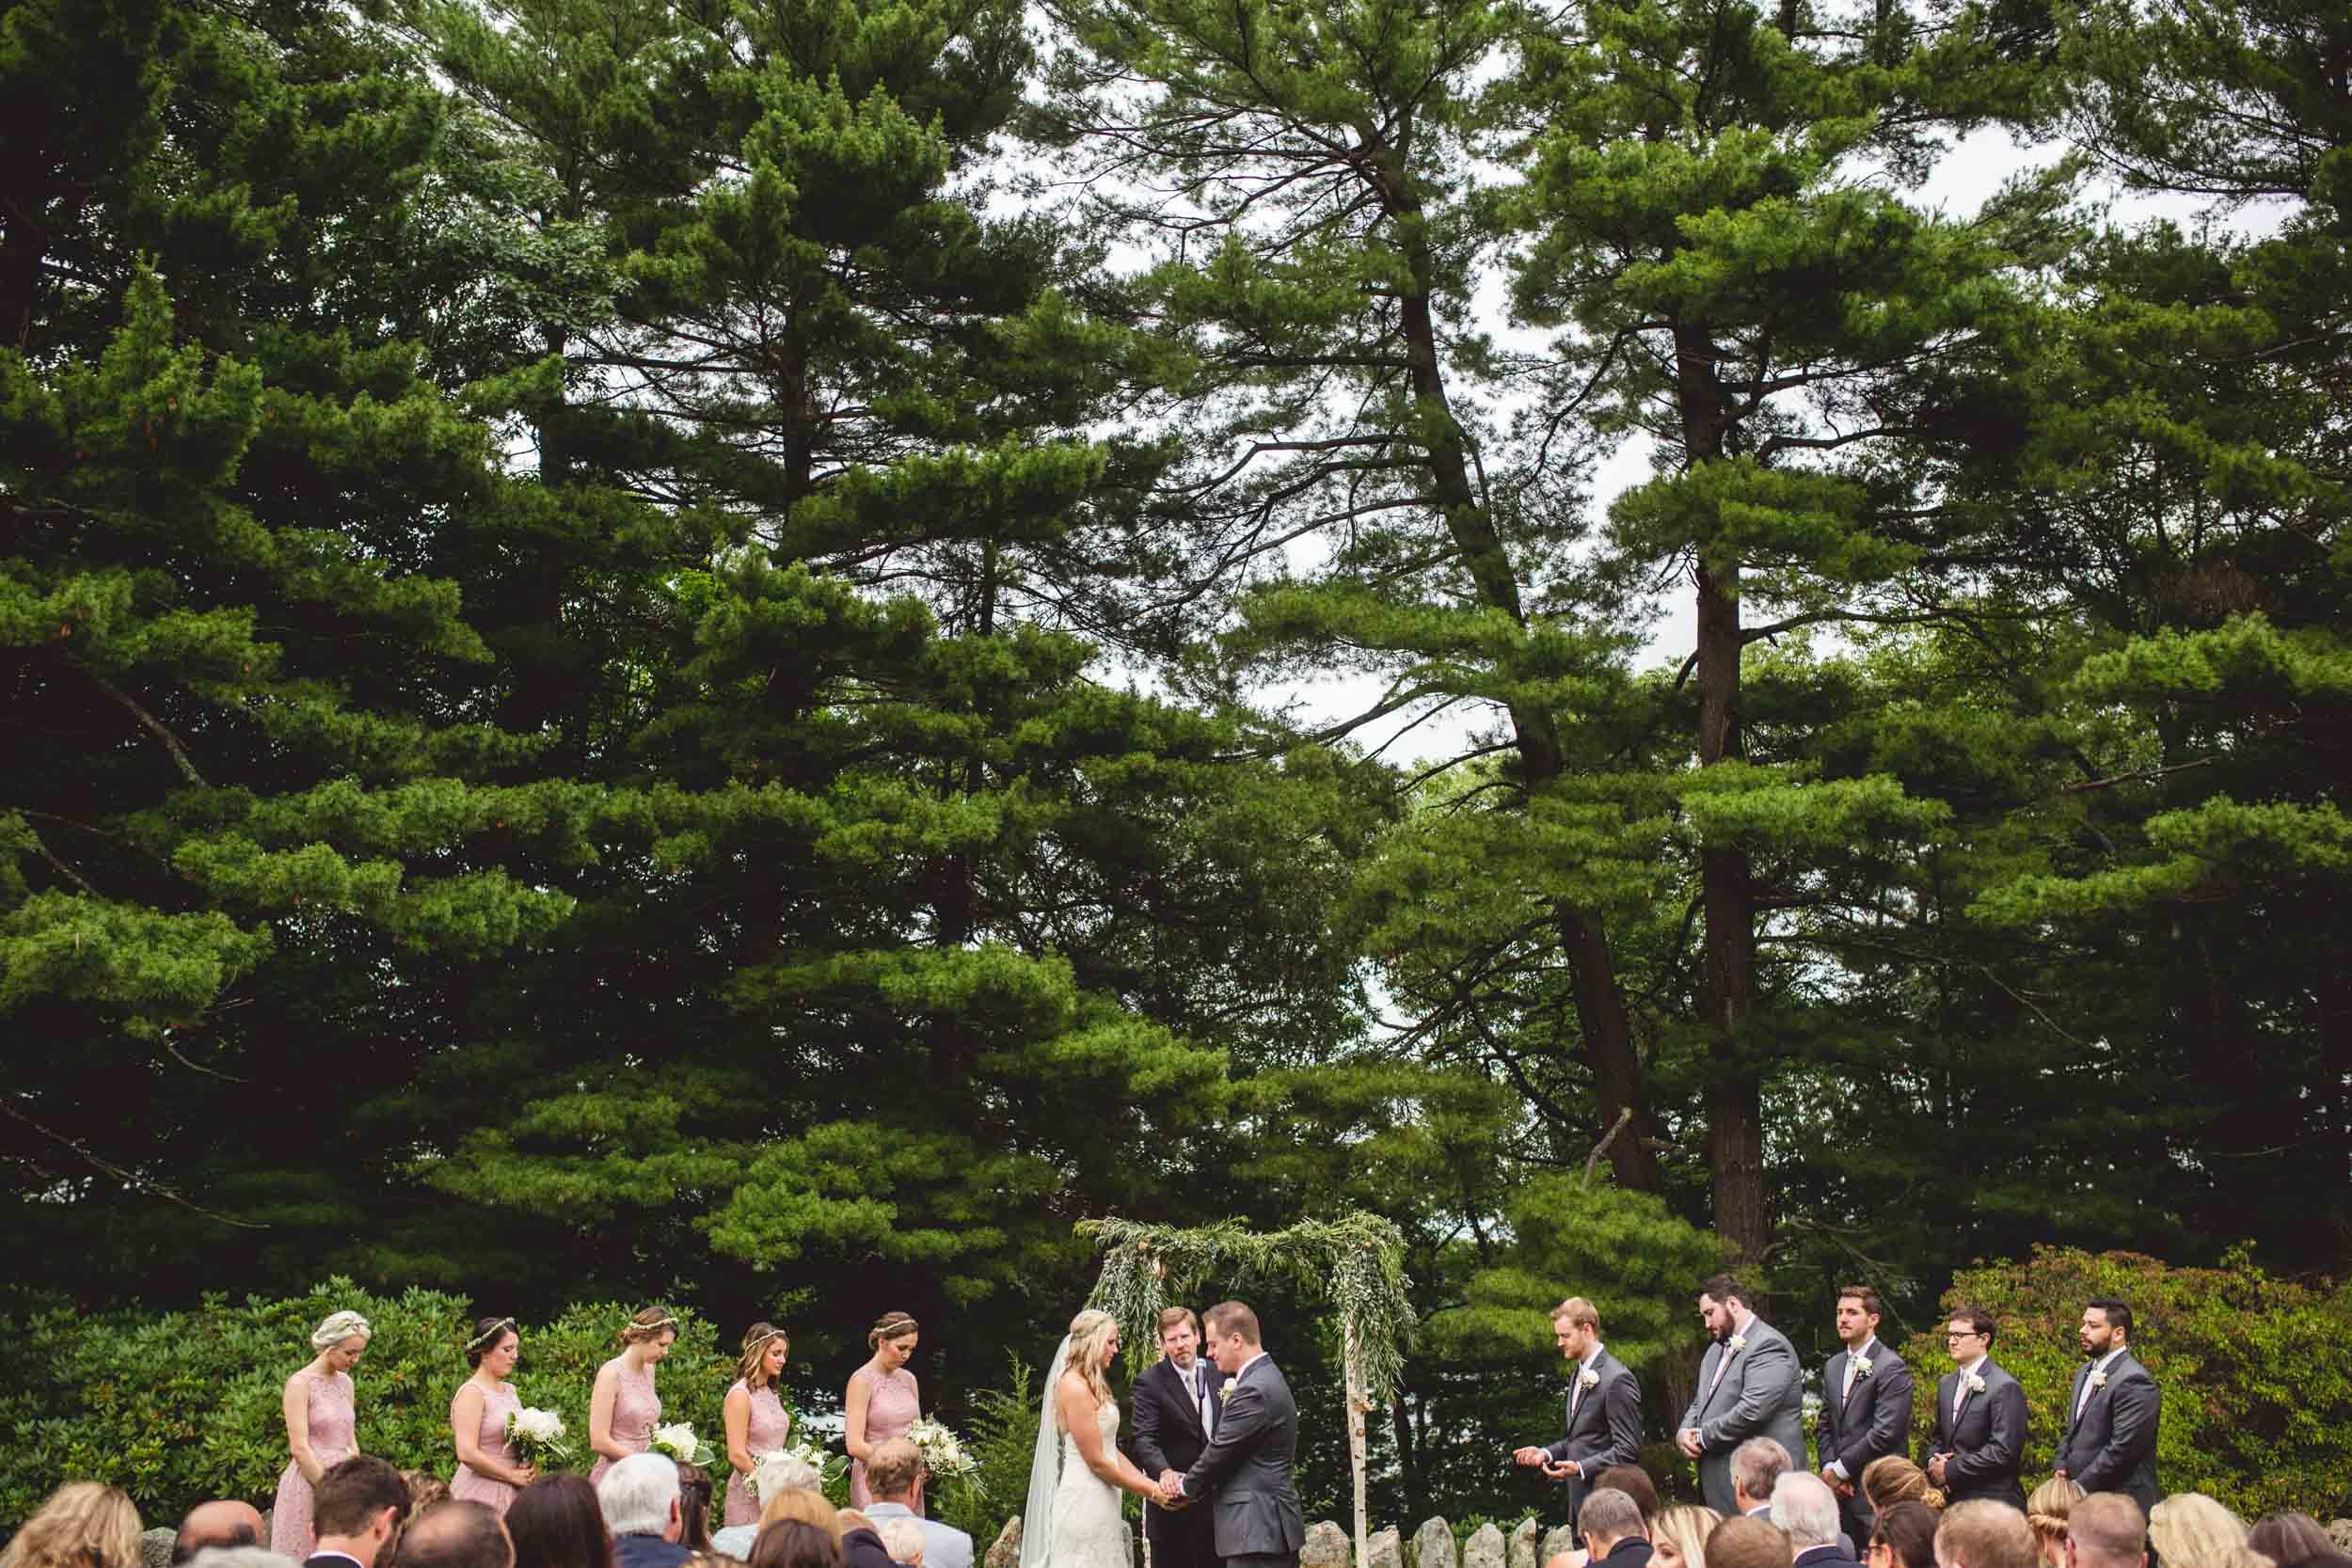 Morraine-Farm-Wedding-11.jpg